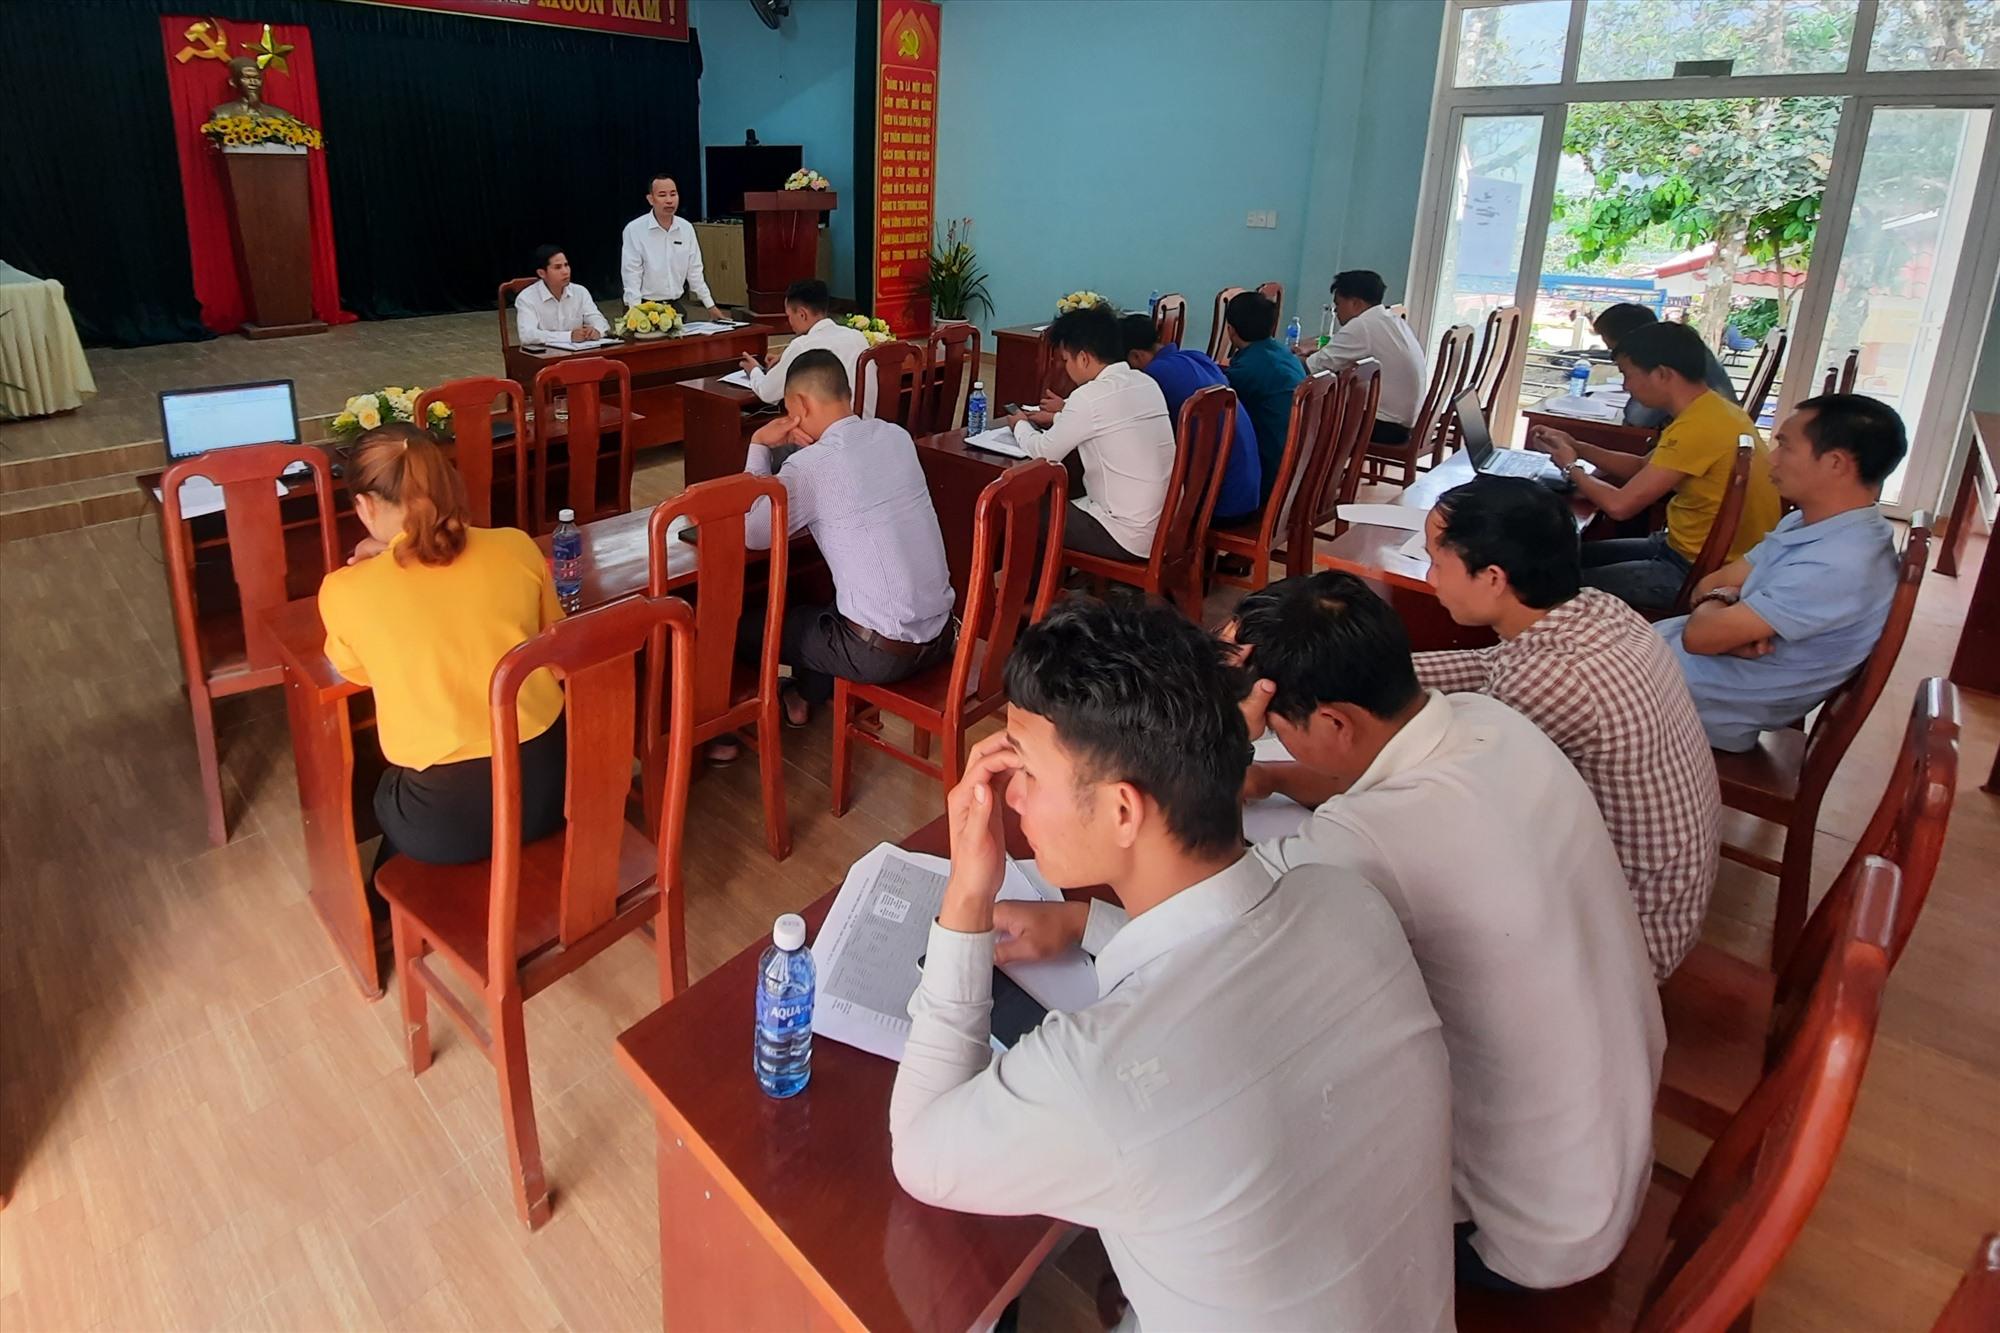 Đợt tuyên truyền lưu động còn tổ chức tập huấn cho cán bộ cấp xã để mở rộng đại lý, công tác viên.